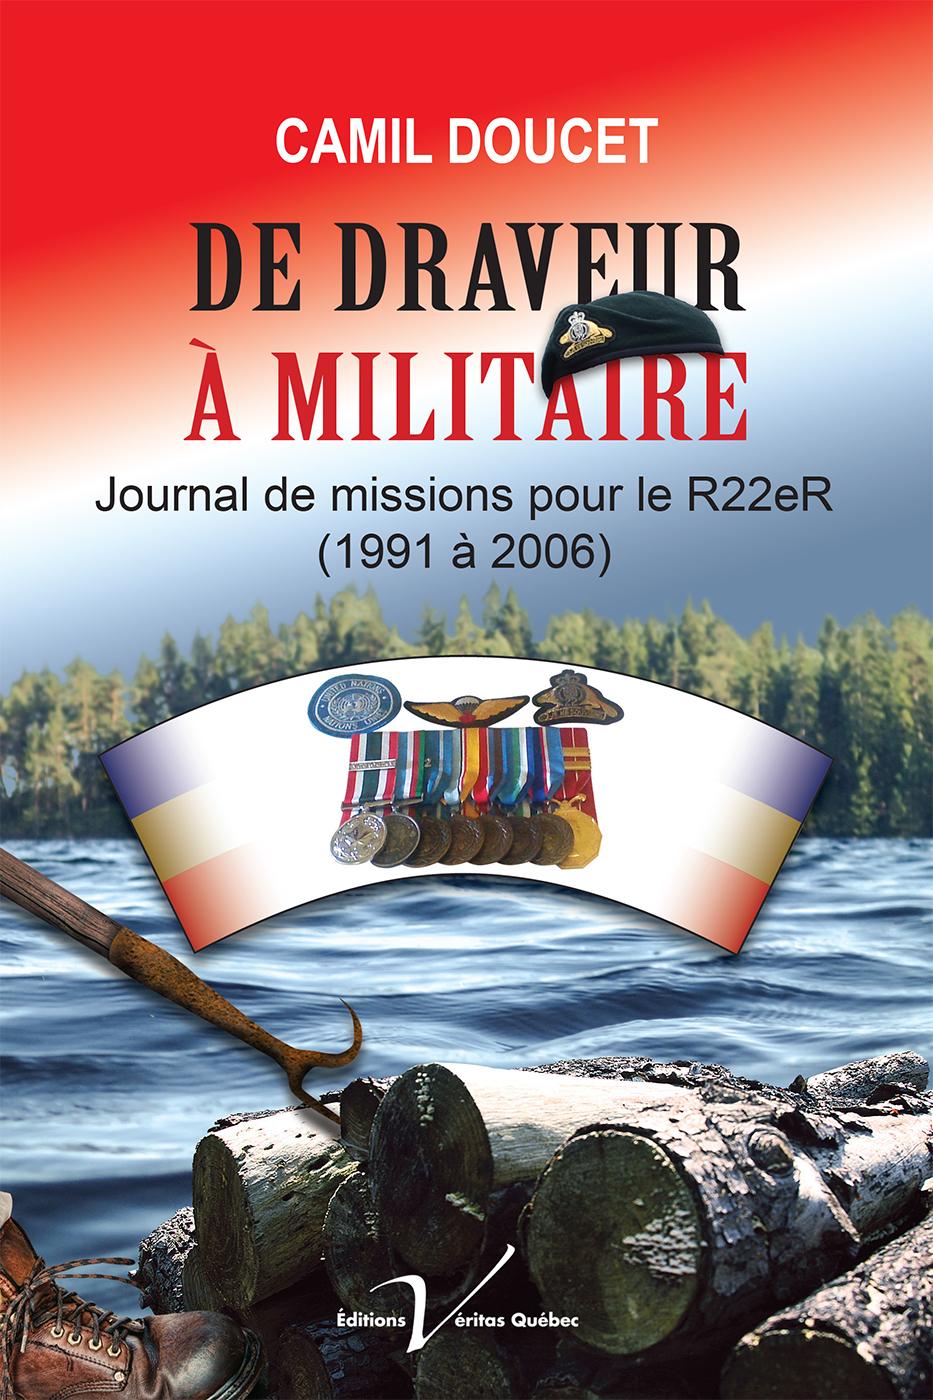 De draveur à militaire